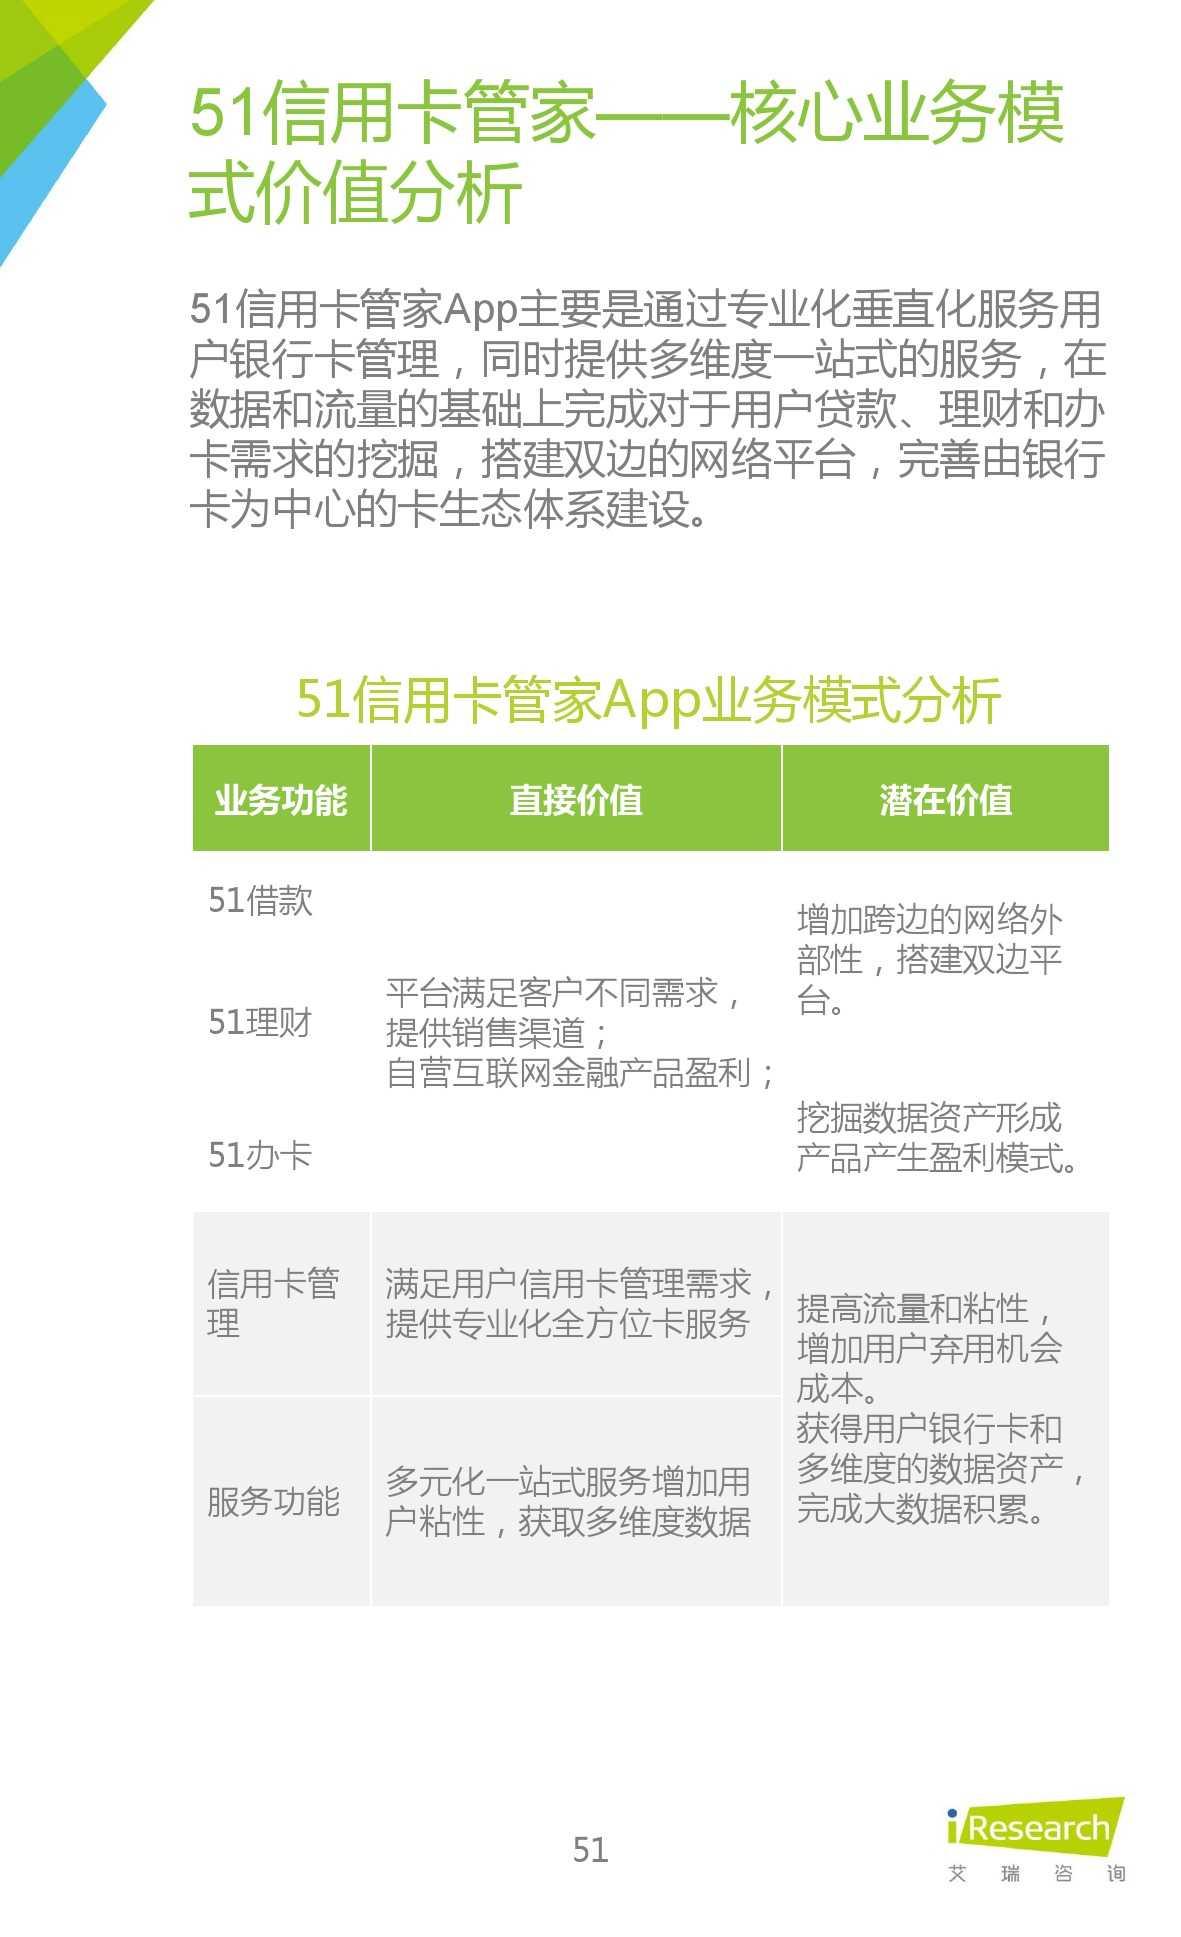 2015年中国生活理财移动App行业研究报告_000051